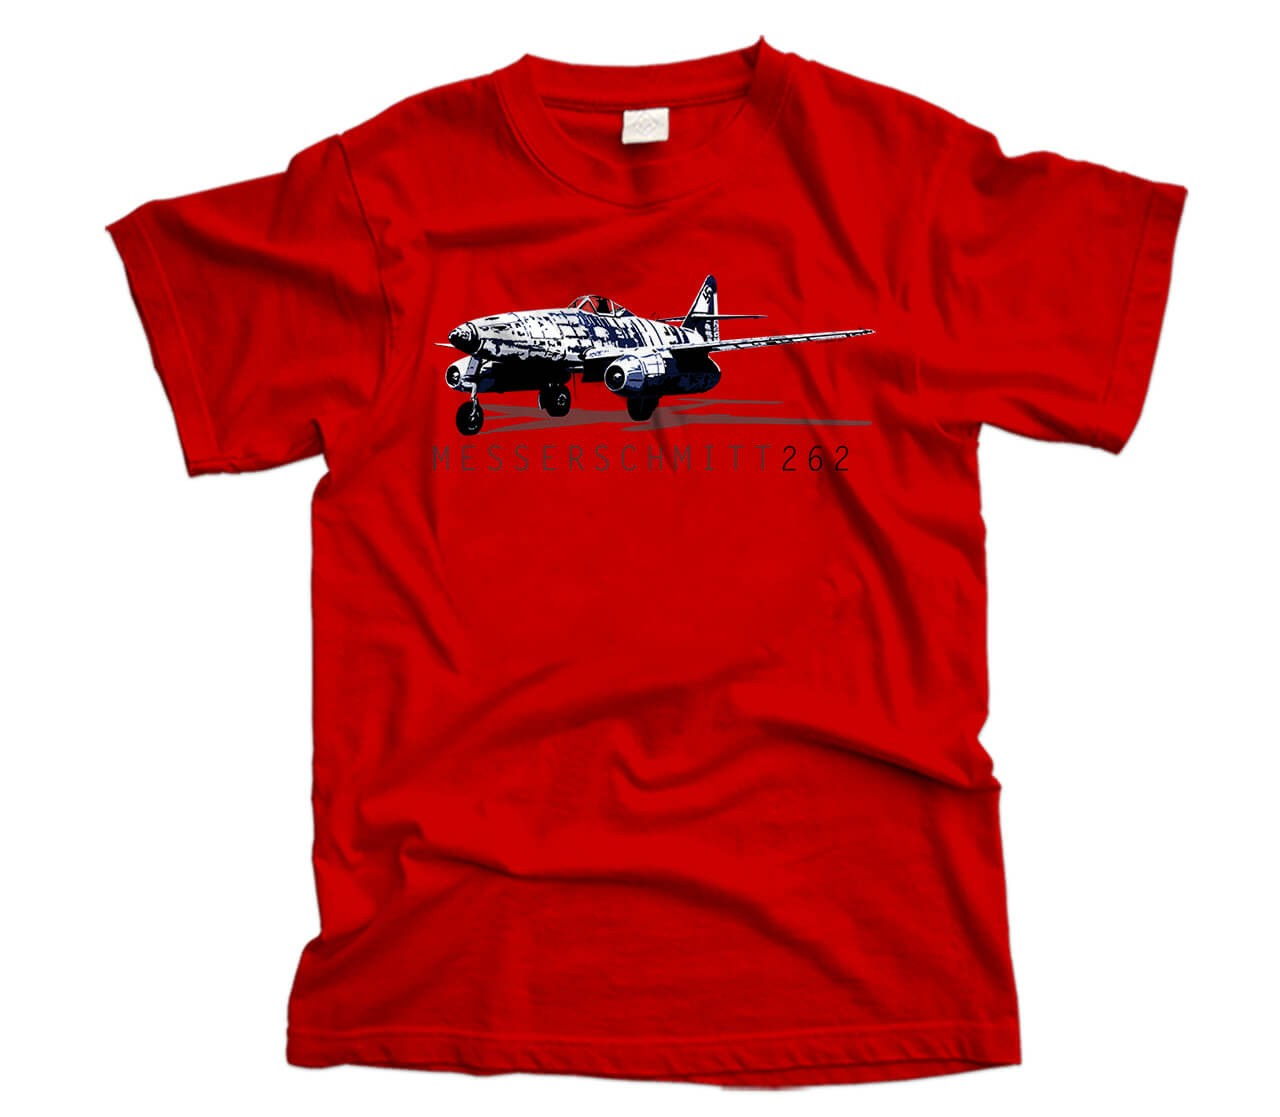 Messerschmitt Me 262 Aircraft T-Shirt